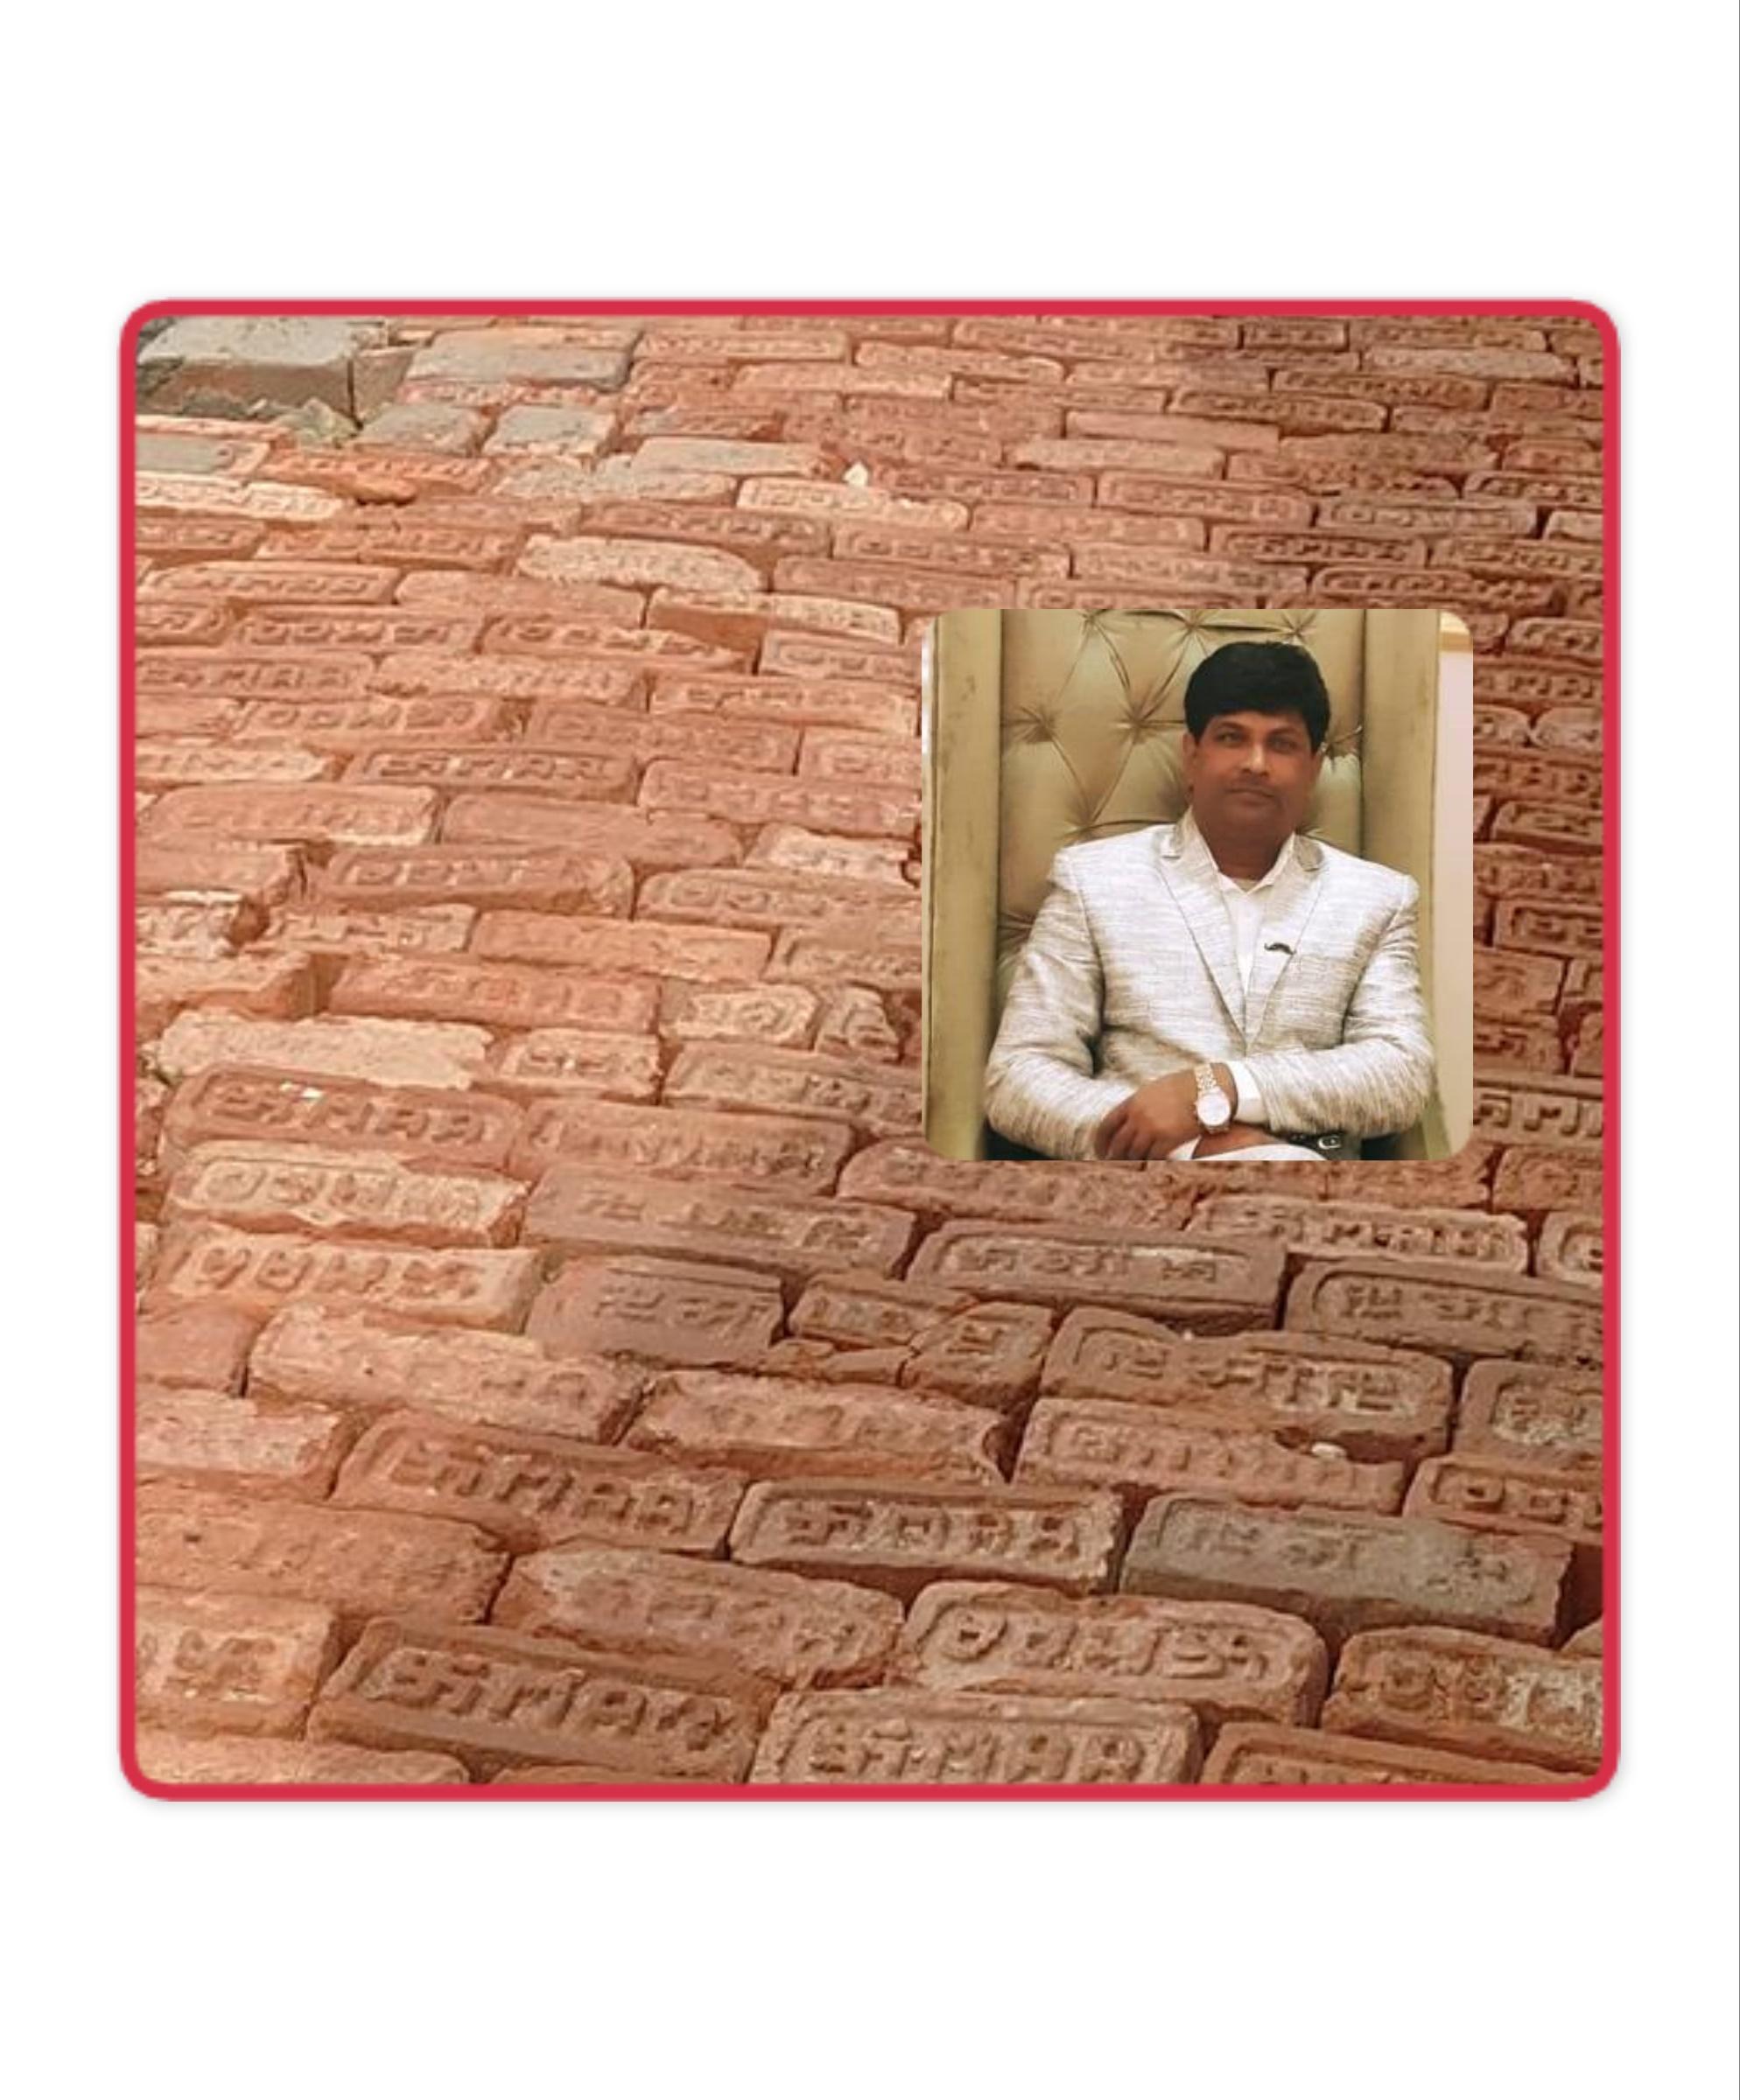 जनकपुर ७ का वडाध्यक्ष जानकी राम साहको 'लुट' धन्धा